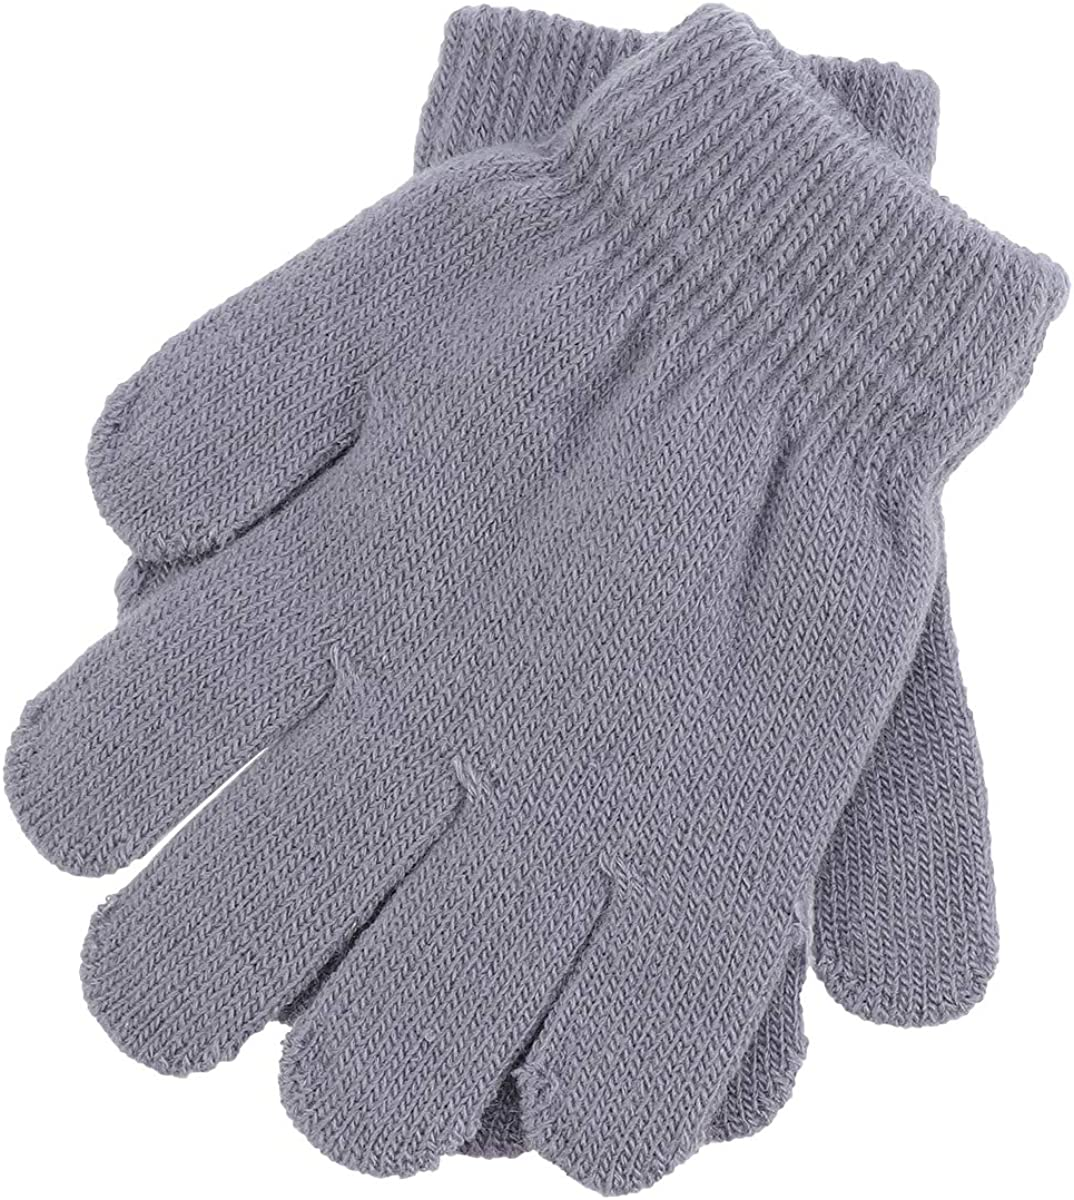 Kinderhandschuh Verdickte Strickhandschuhe Winterhandschuhe Warme Handschuhe f/ür 1-3 Jahre Junge M/ädchen Drau/ßen QKURT 3 Paare Kleinkind Stretch-F/äustlinge